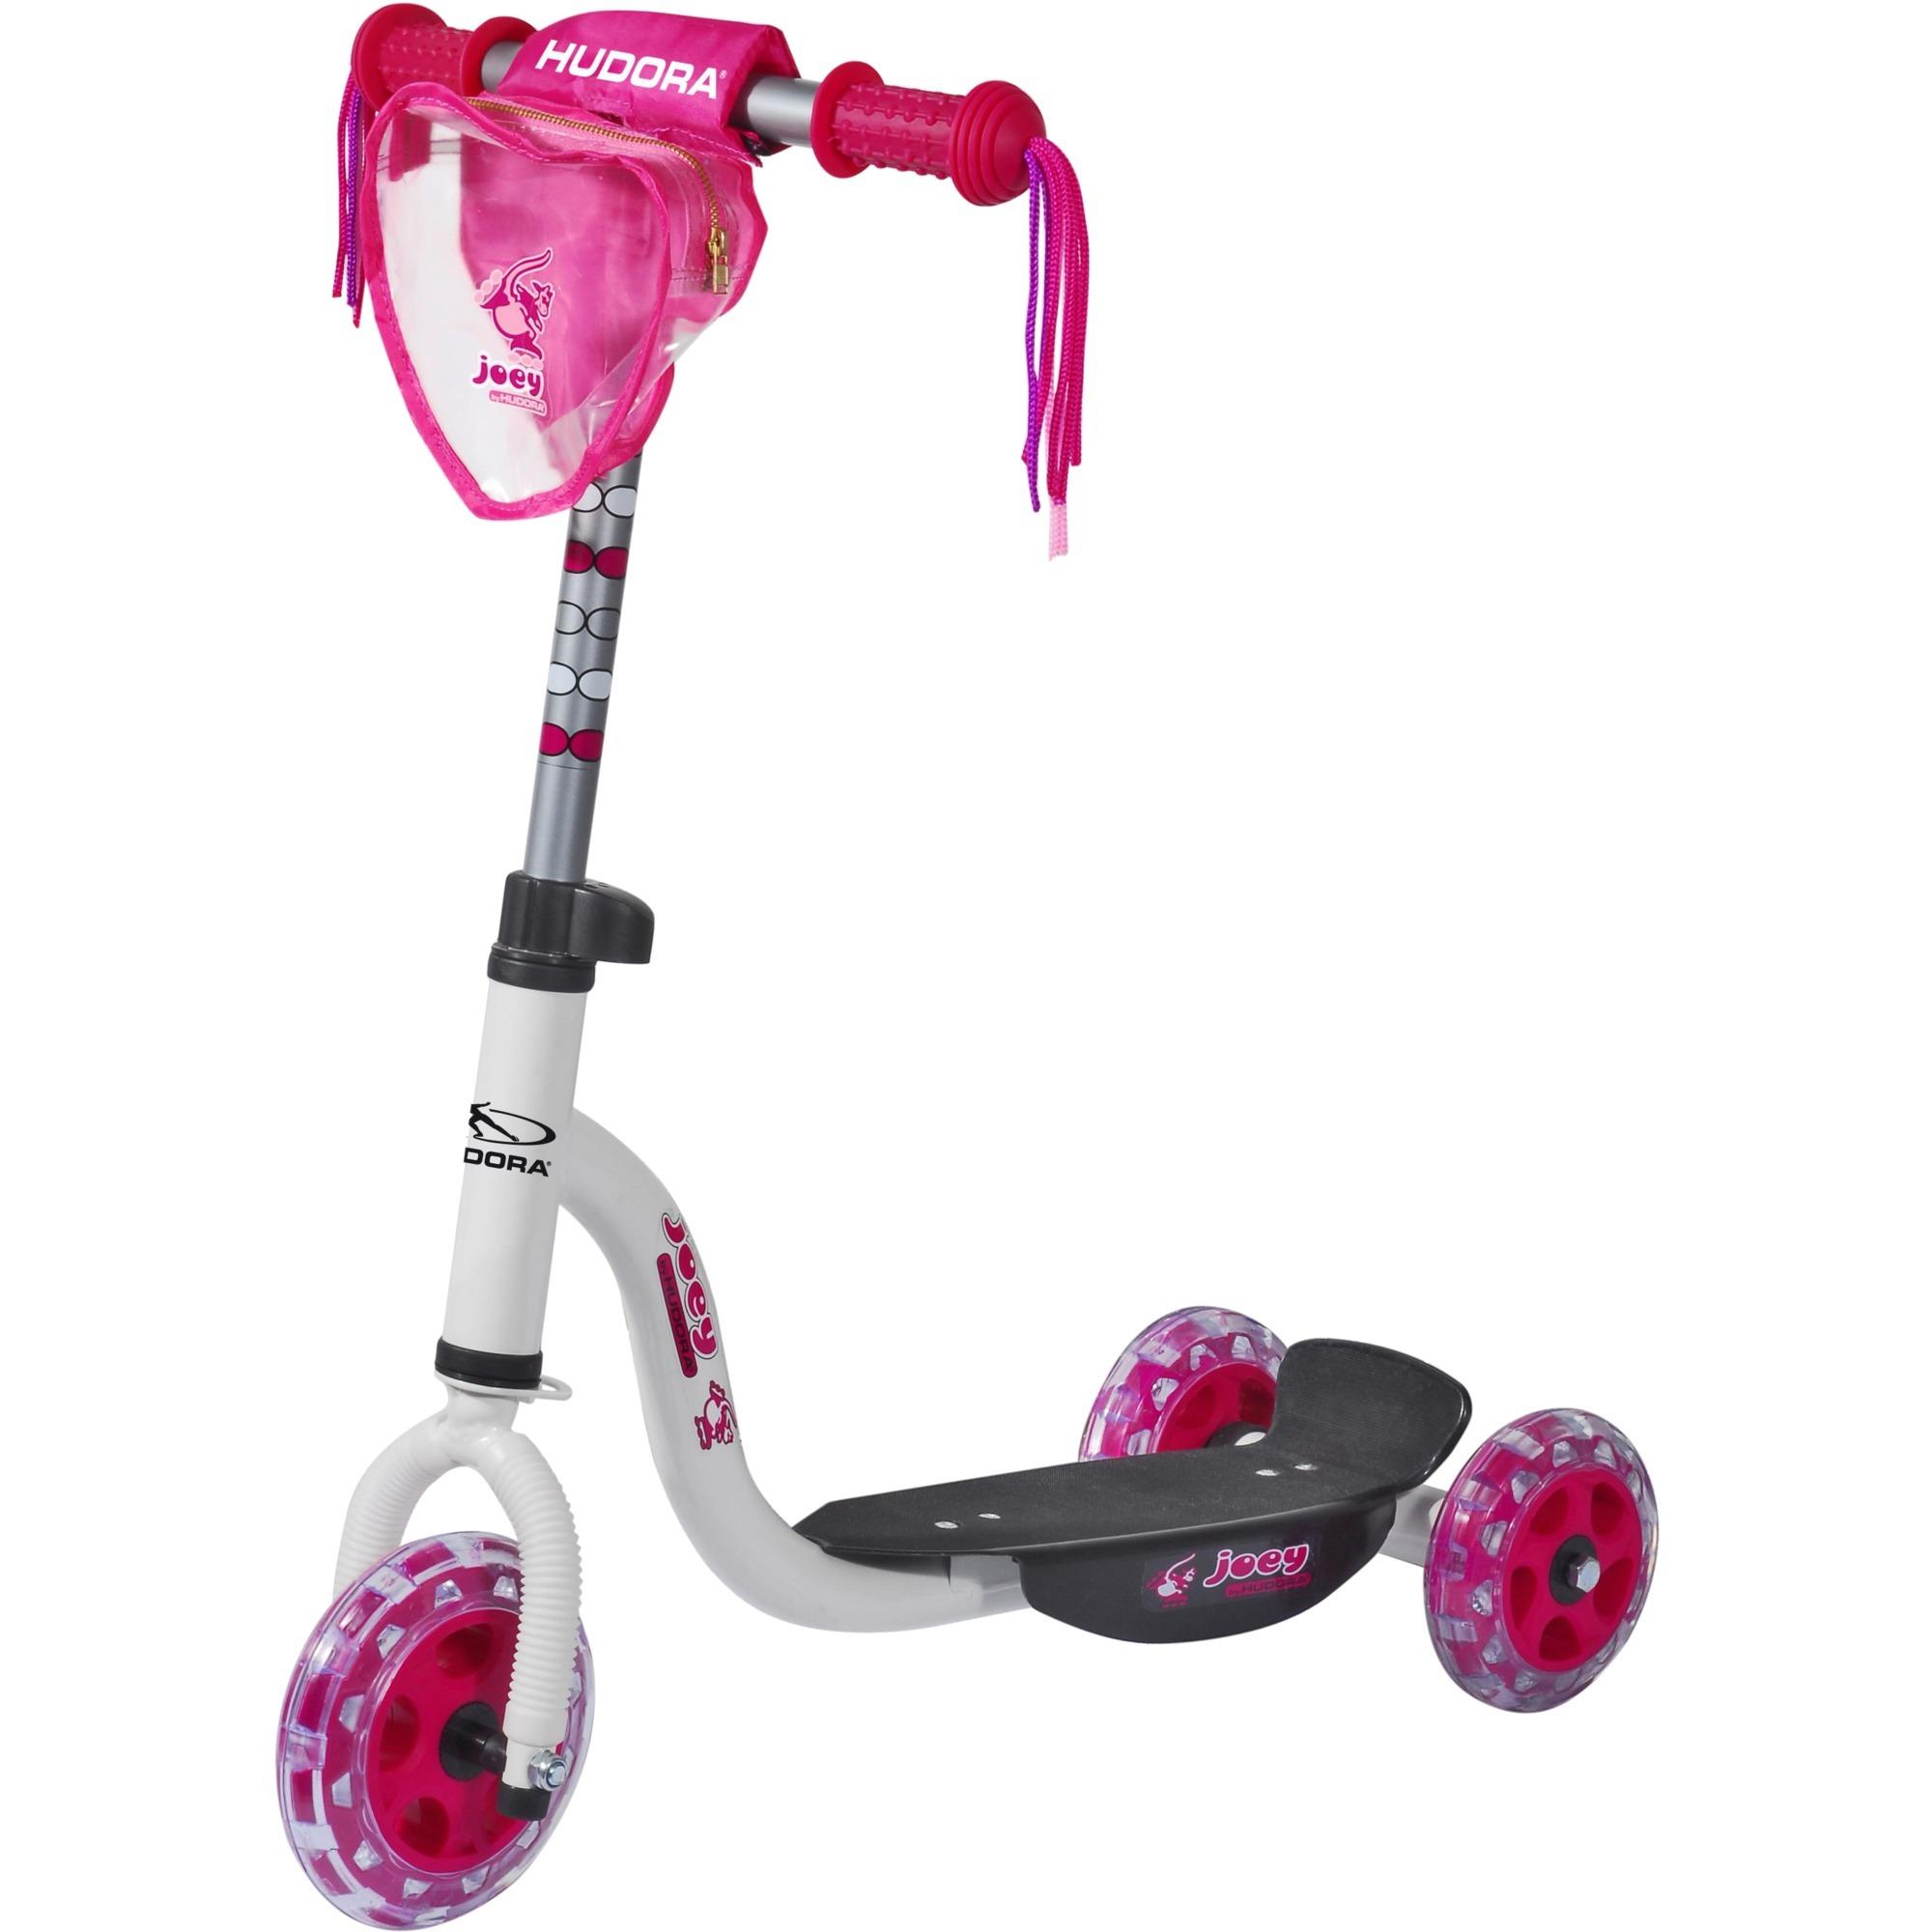 11060 Enfants Rose, Blanc scooter, Trottinette